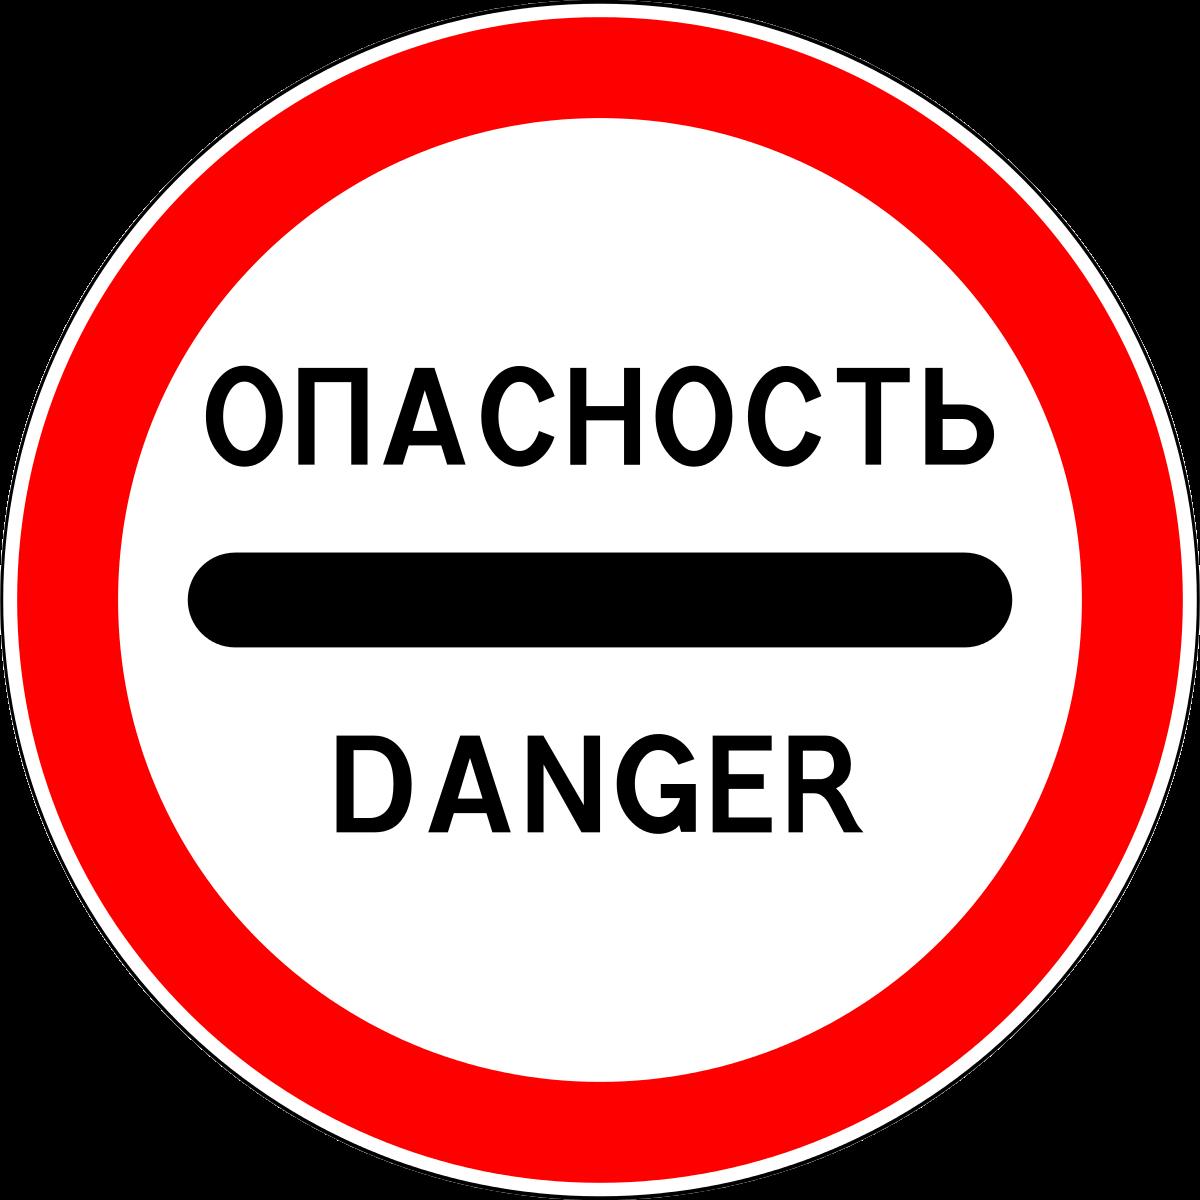 Знак 3.17.2 Қауіп/ Опасность